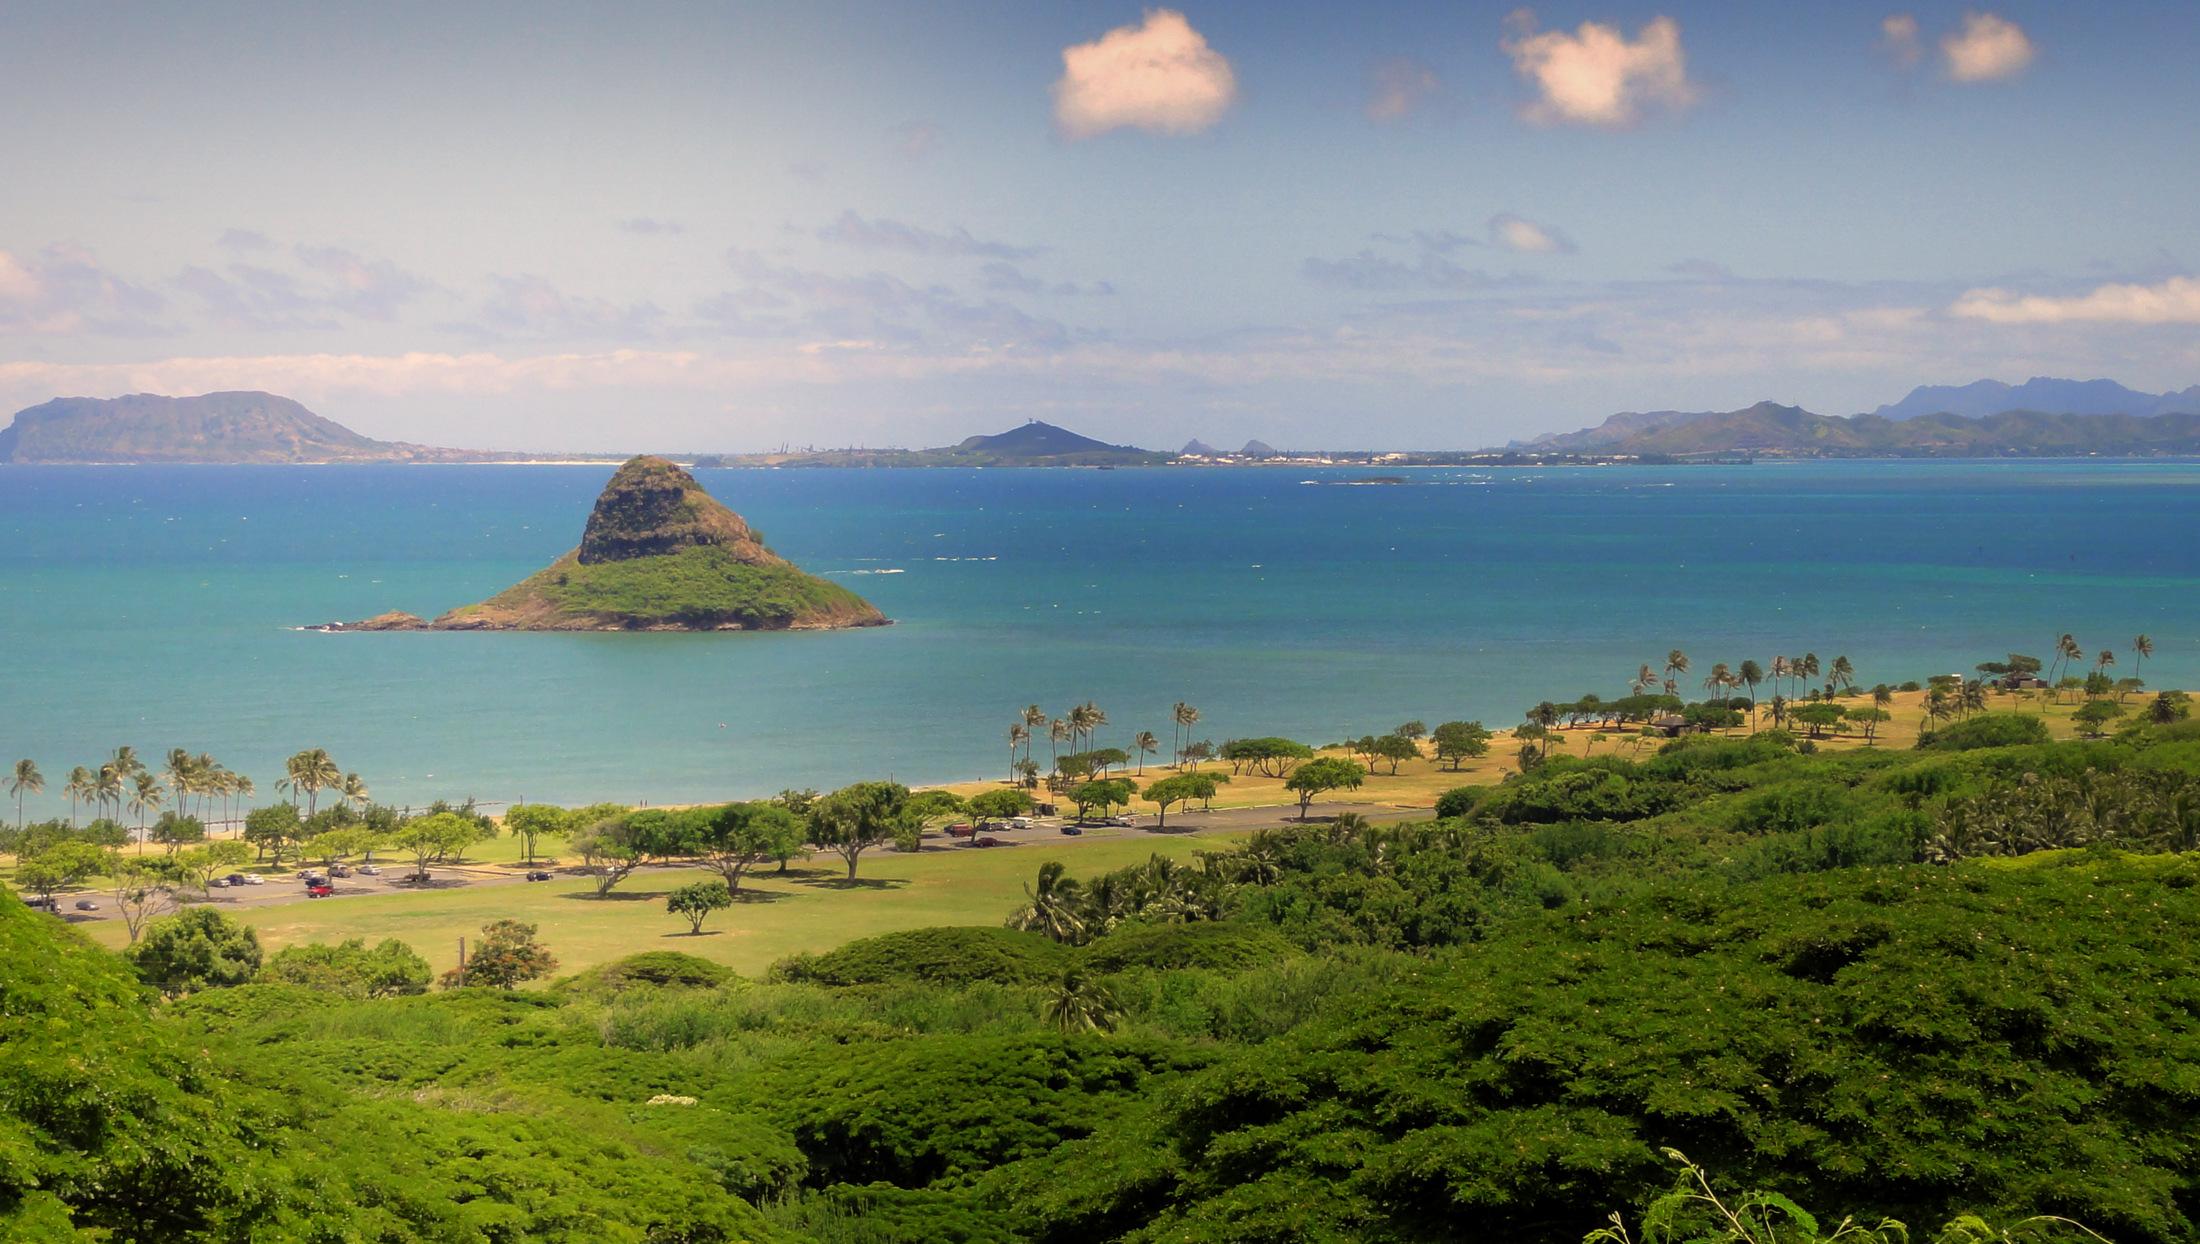 Ostrov - Ztraceni. Jeden z nejslavnějších seriálů se natáčel ve městě Oahu na Havaji. Ostrov je sice osídlený, nicméně na mnoha jeho stranách skutečně připomíná ostrov, kde ještě nevkročila lidská noha.